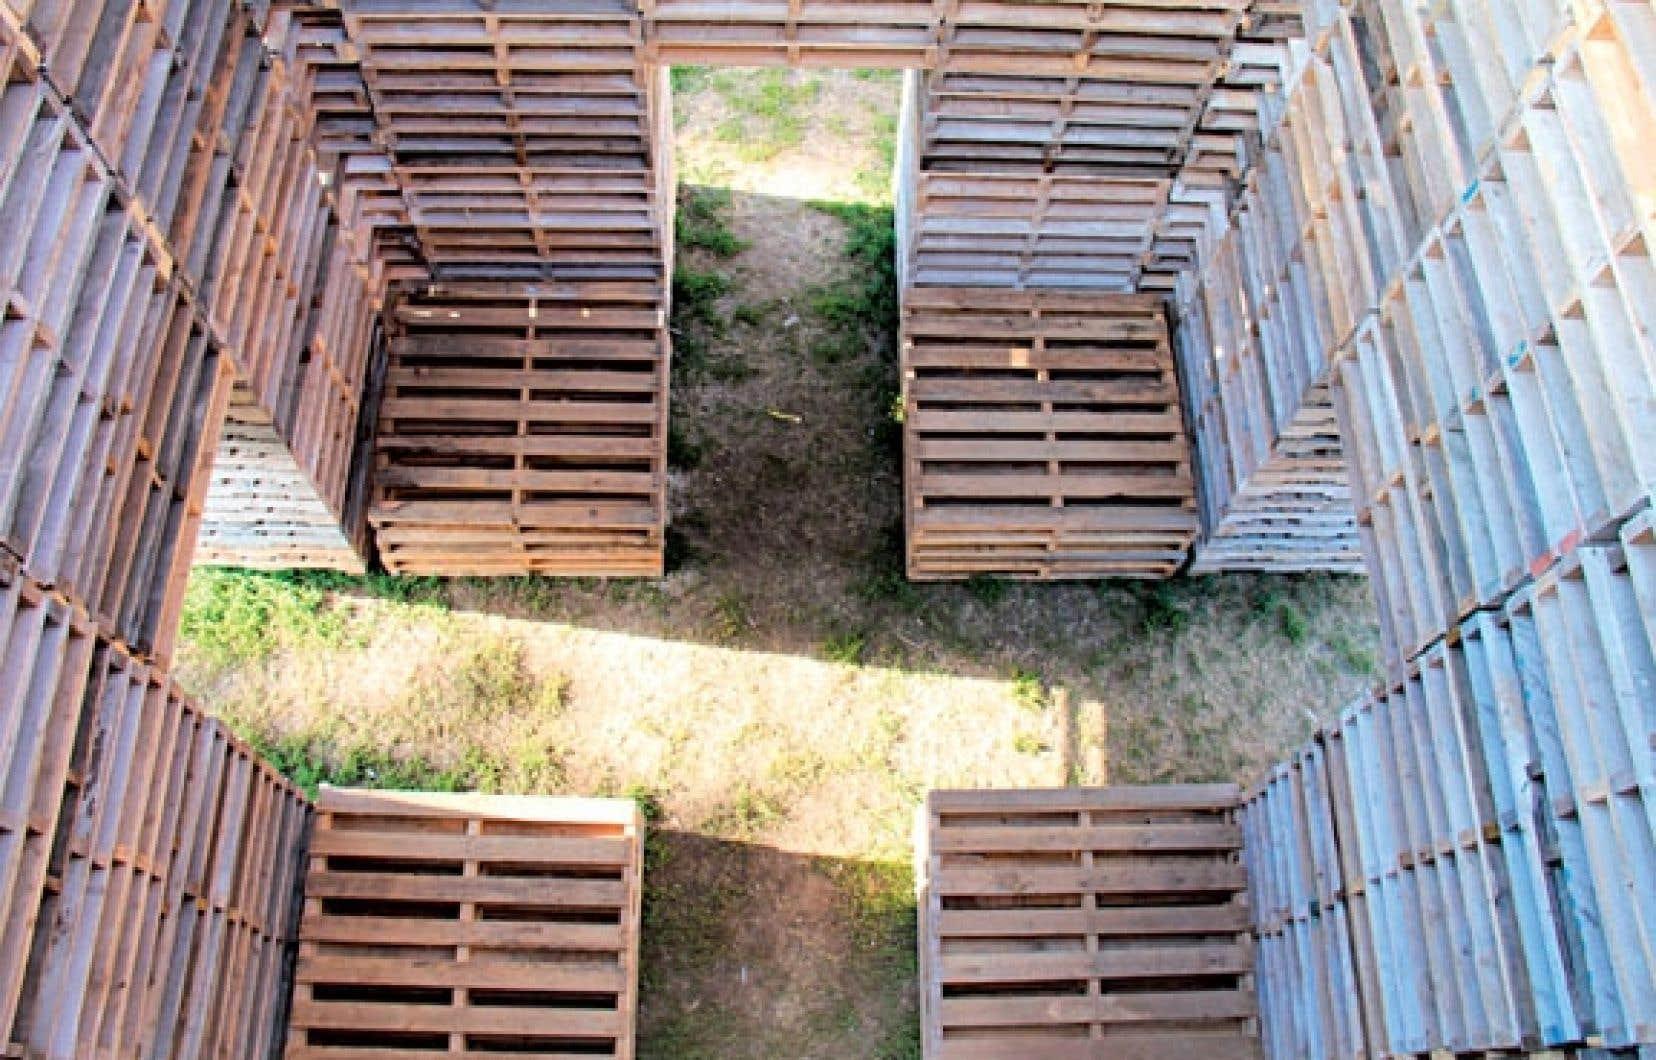 <div> Les Escales invitent à la déambulation libre d'une station artistique à l'autre. Propice au recueillement, l'installation Forêt de Phil Allard et Justin Duchesneau (notre photo) s'installe à la place des Festivals.</div>